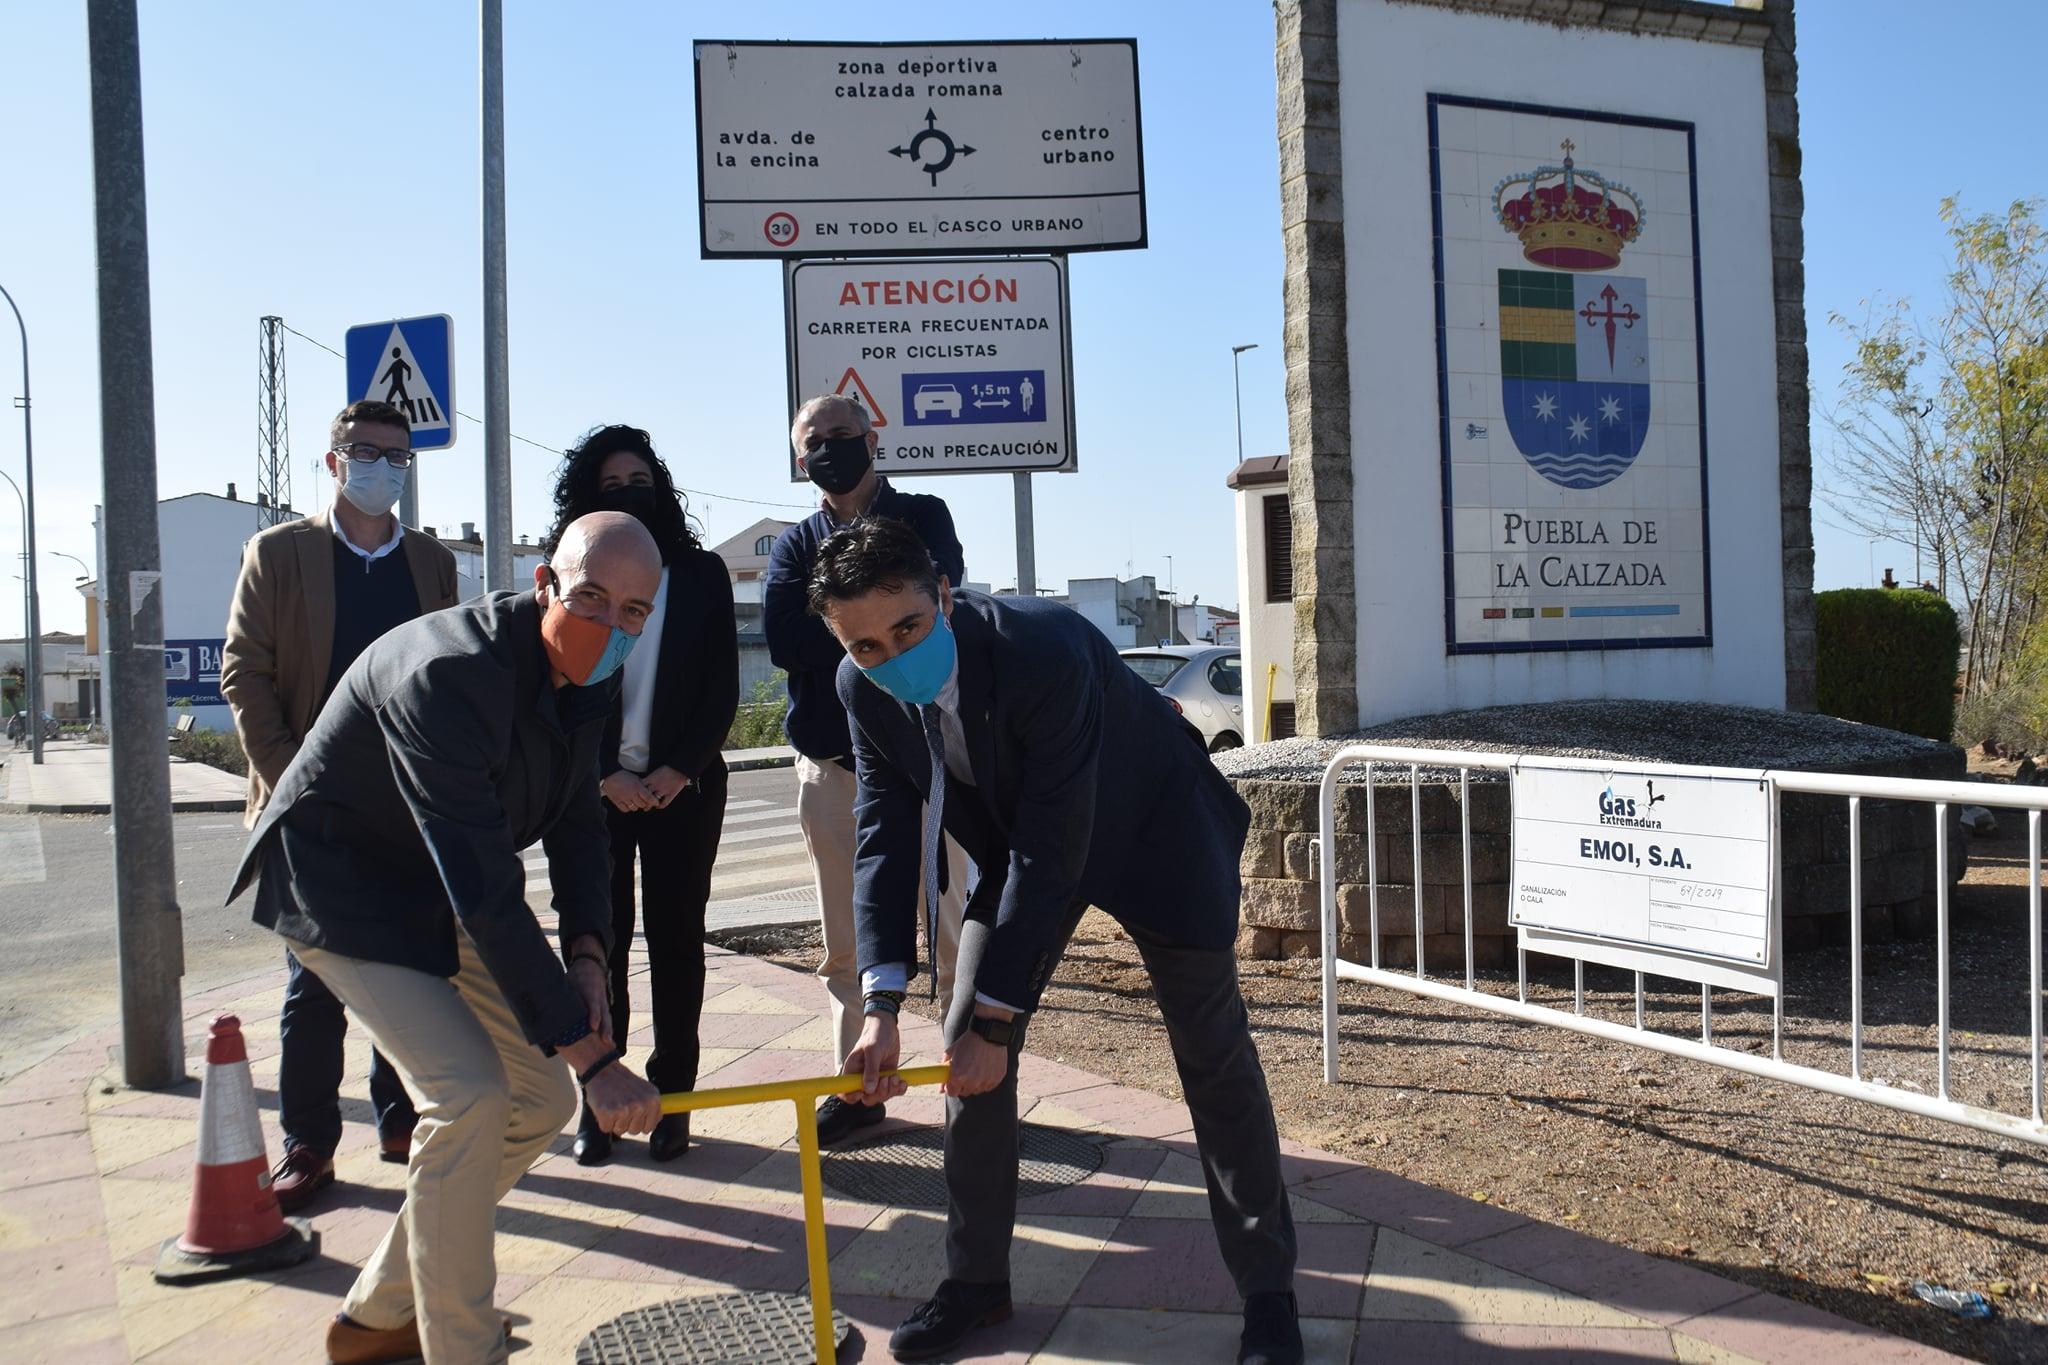 GAS NATURAL COMIENZA A DAR SERVICIO EN PUEBLA DE LA CALZADA